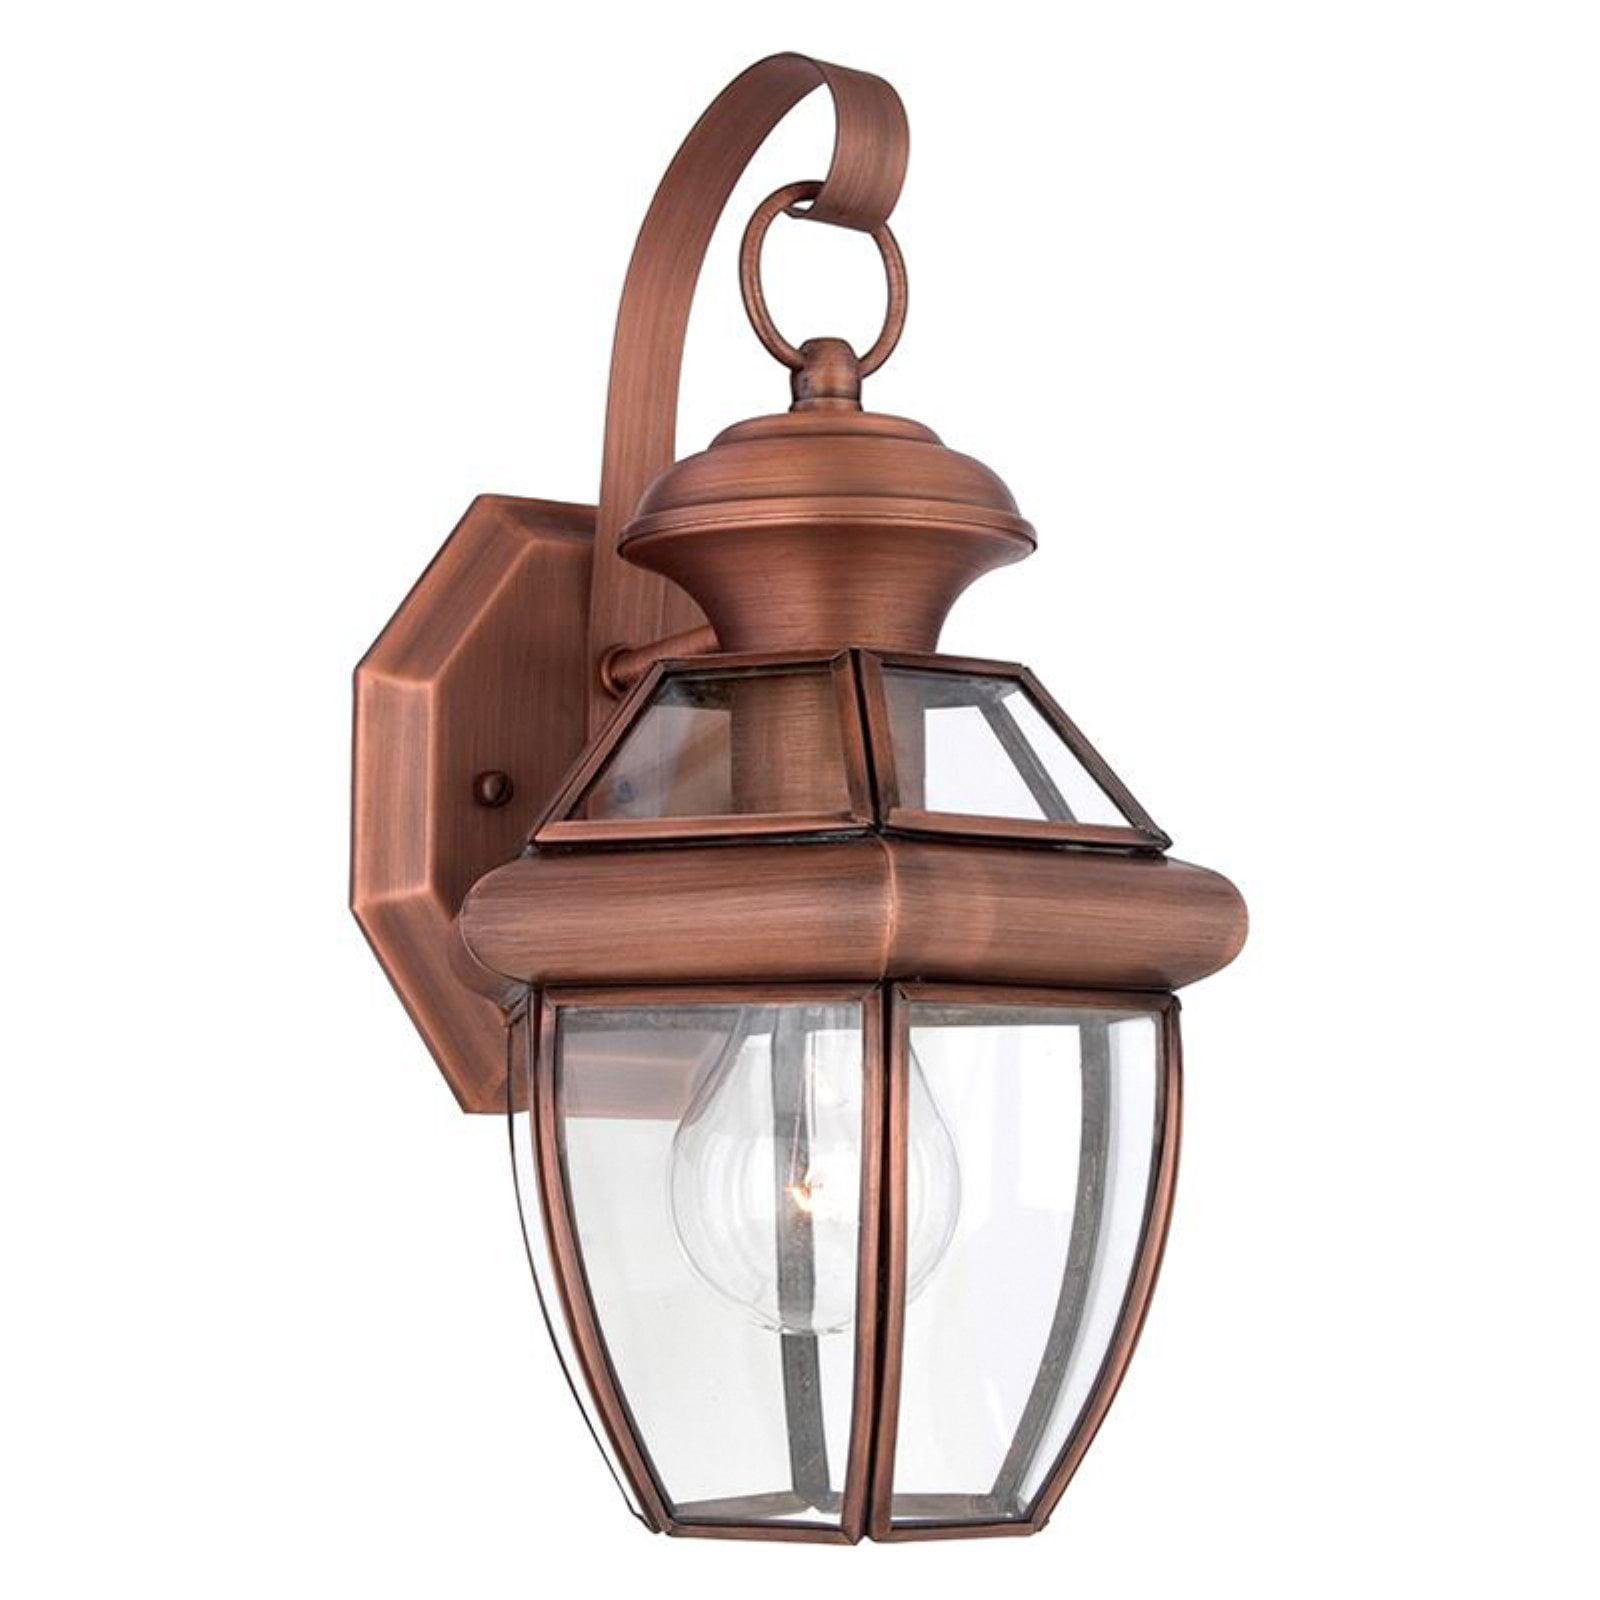 Quoizel Newbury NY831 Outdoor Wall Lantern